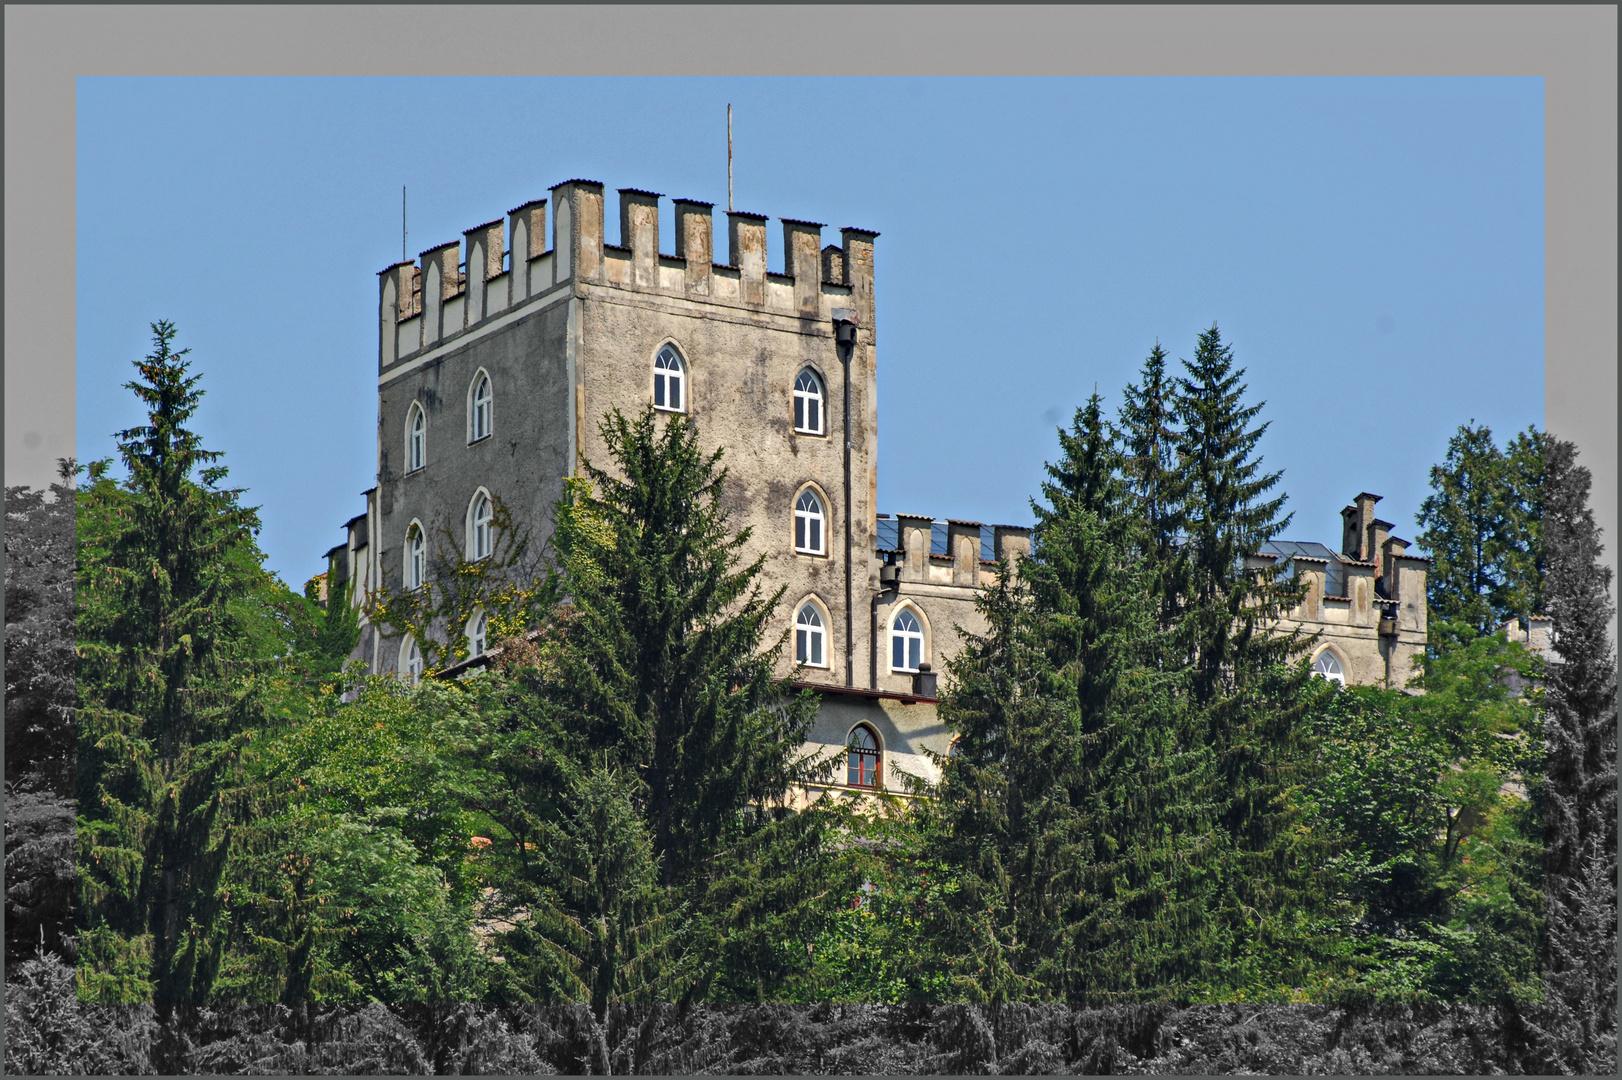 Burg Itter